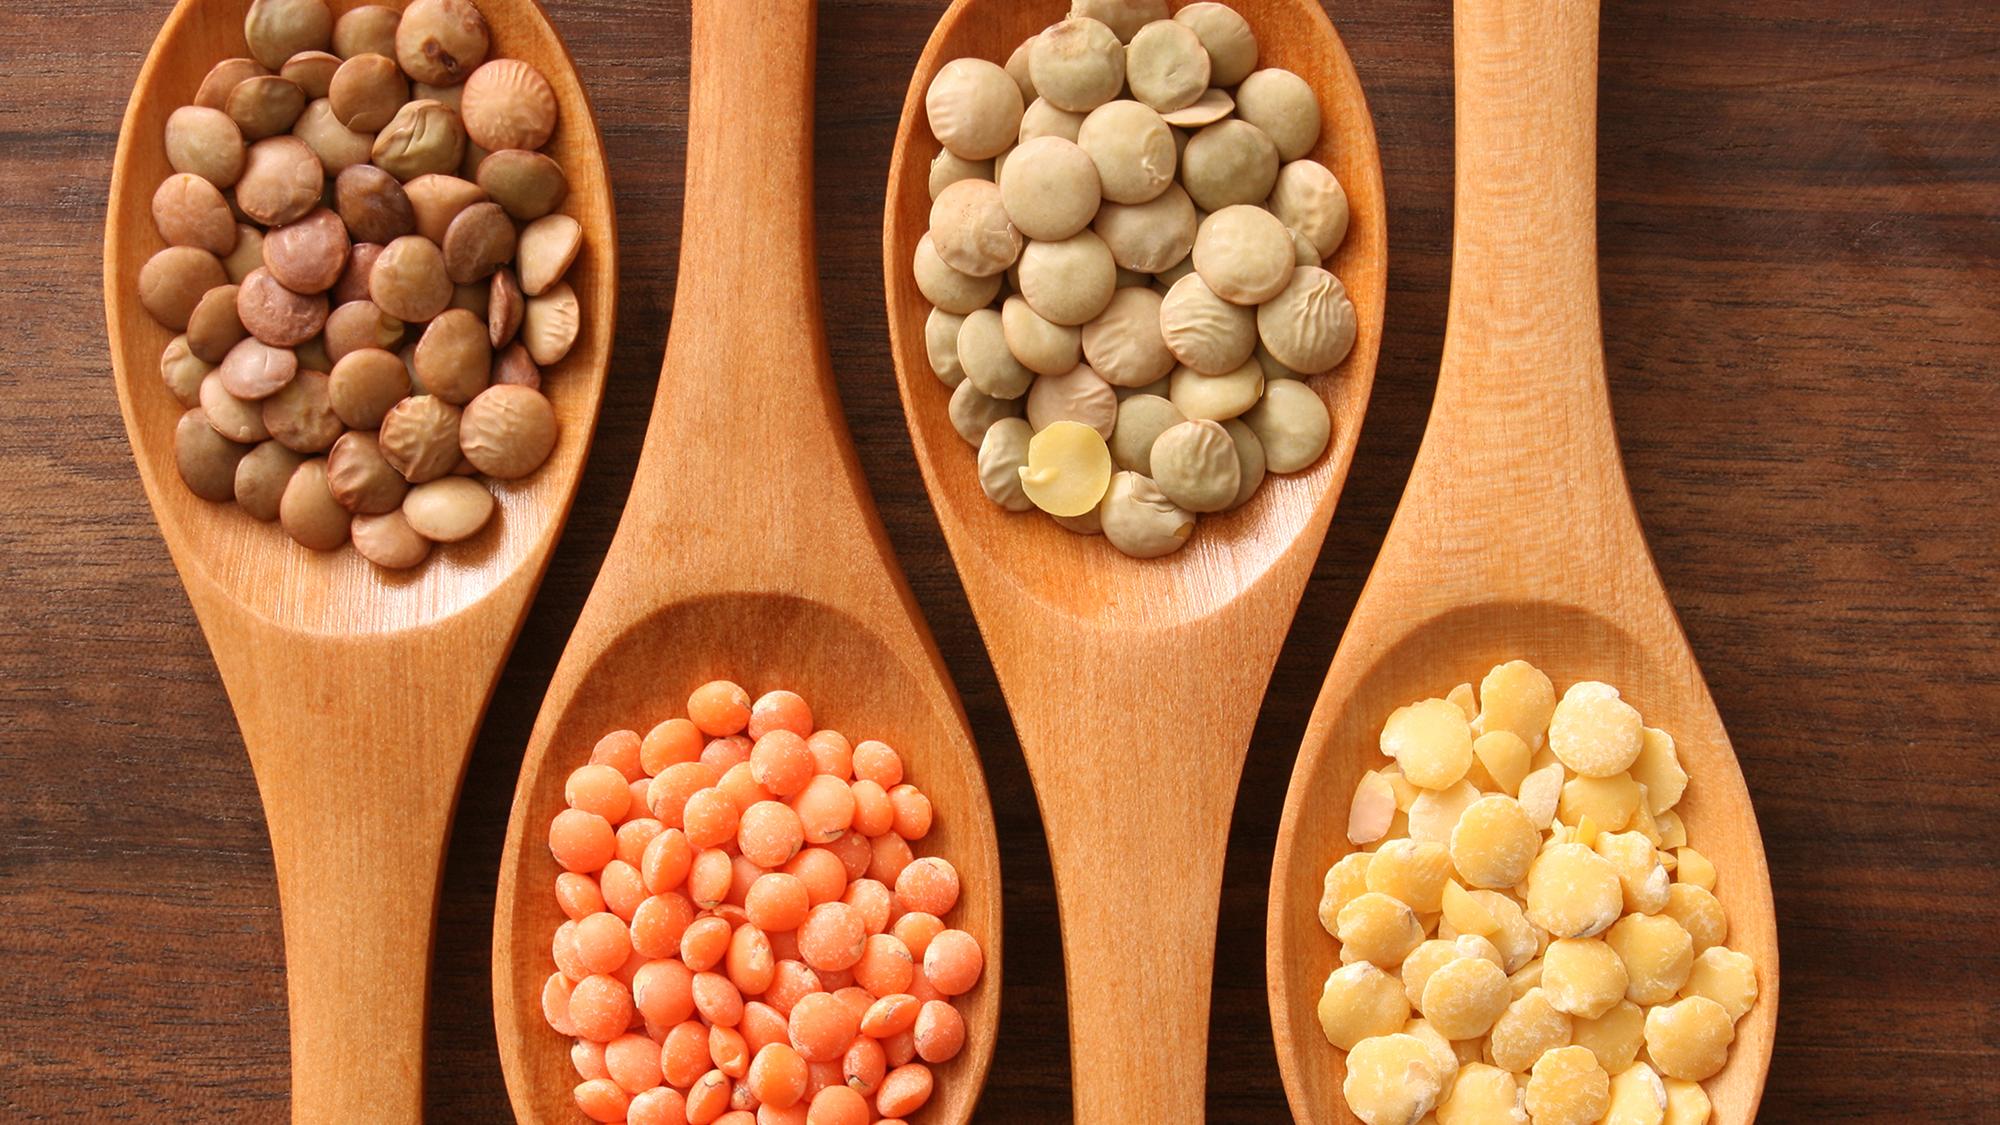 Blog Vegan protein sources, Iron rich foods, Vegetarian diet